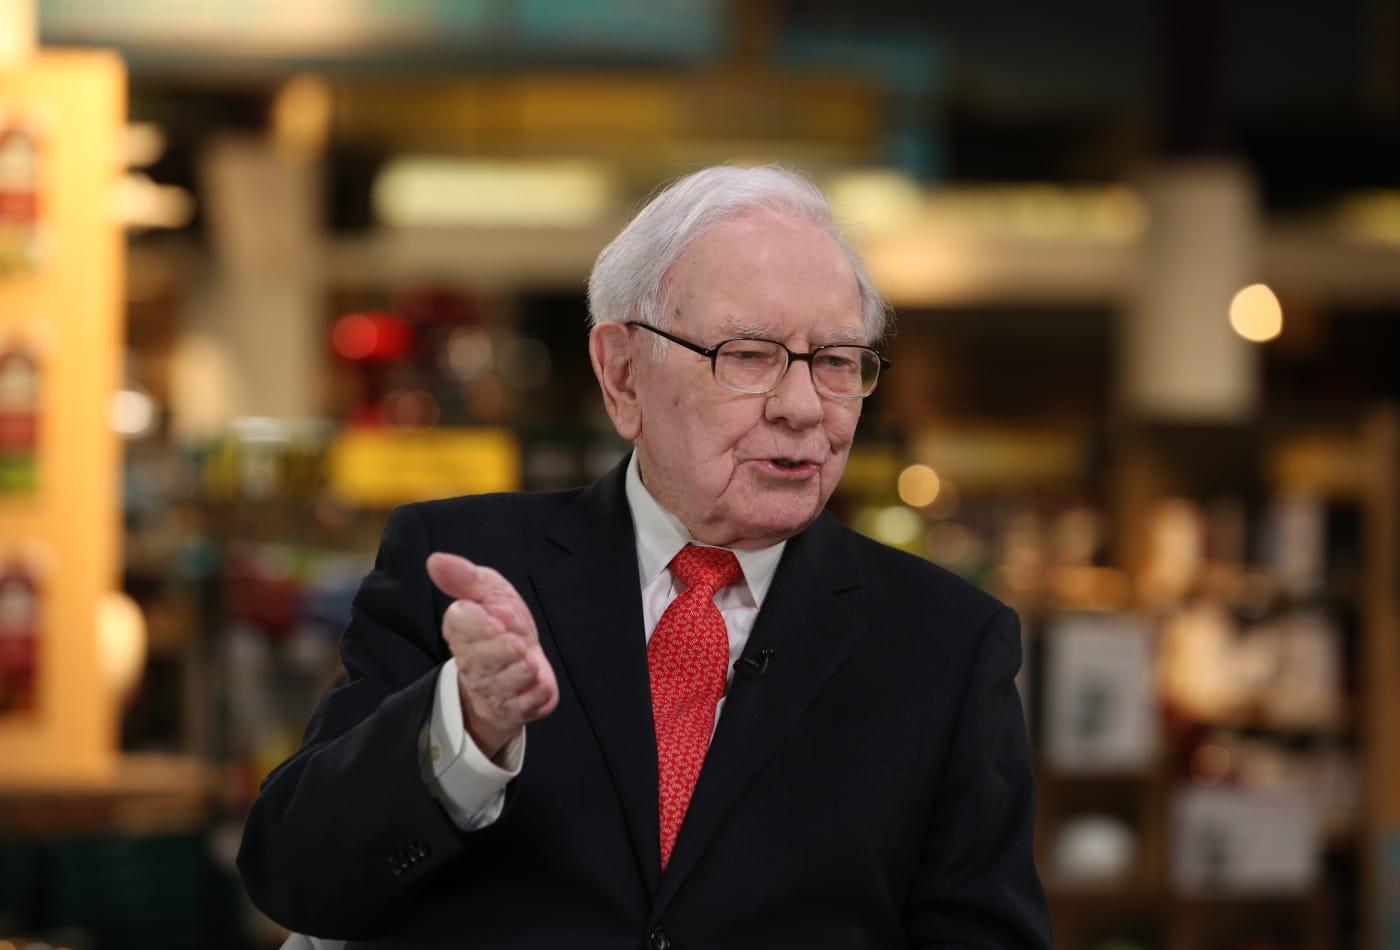 Lời khuyên của Warren Buffett dành cho 'nhà đầu tư thông thường' - Ảnh 1.